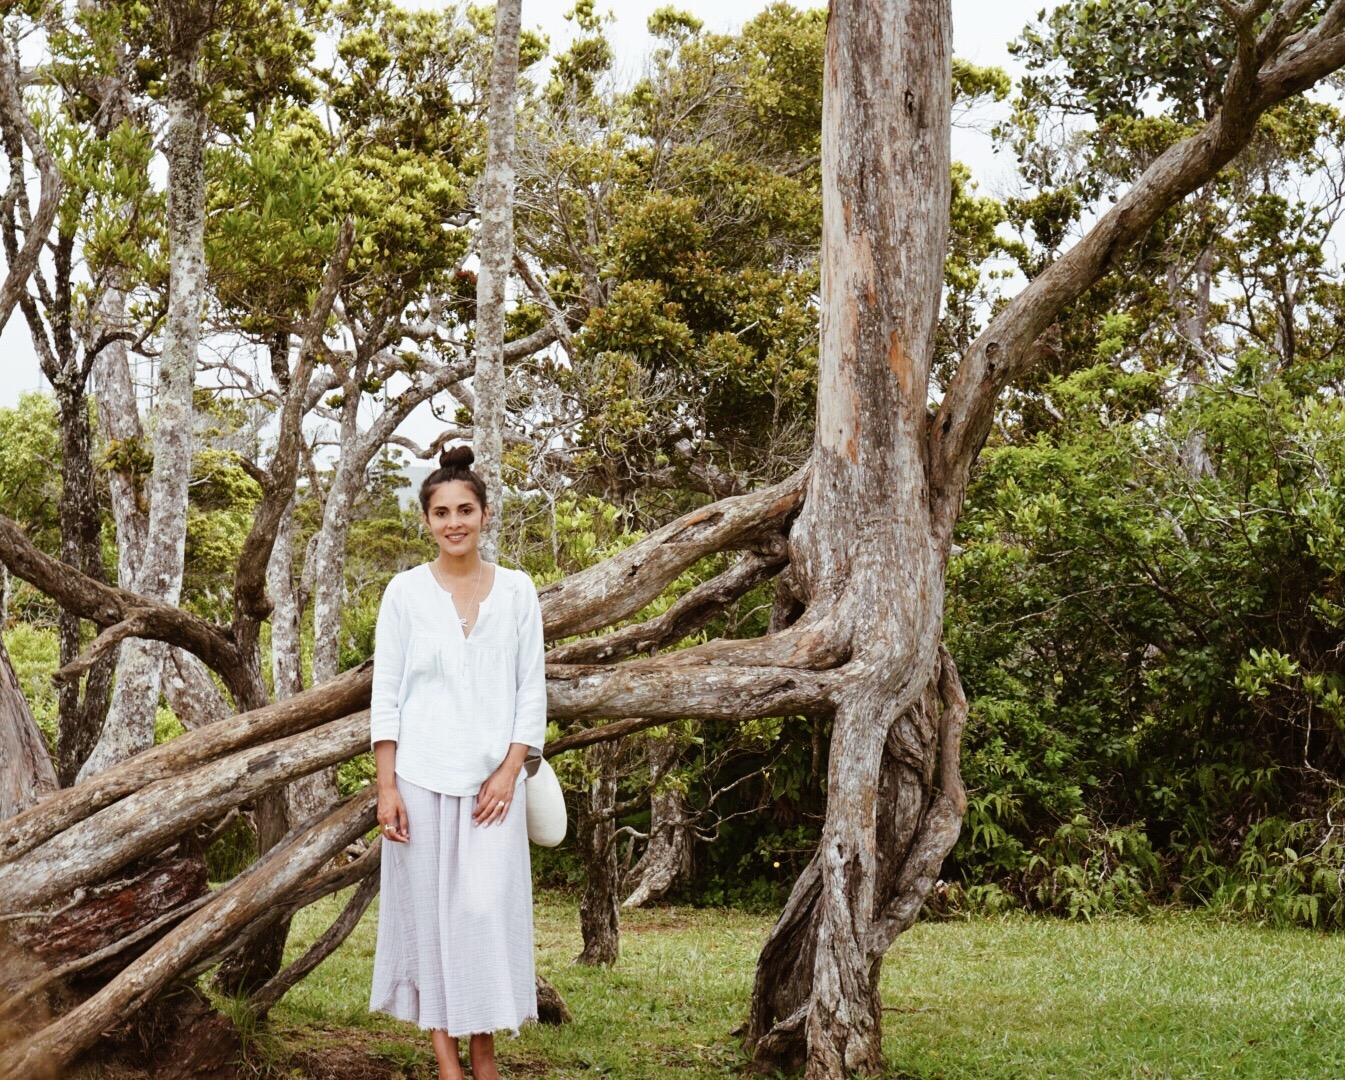 XiRENA  top +  It Is Well LA  skirt +  Catzorange  bucket bag + Moment sandals +  Everli Jewelry  balance necklace